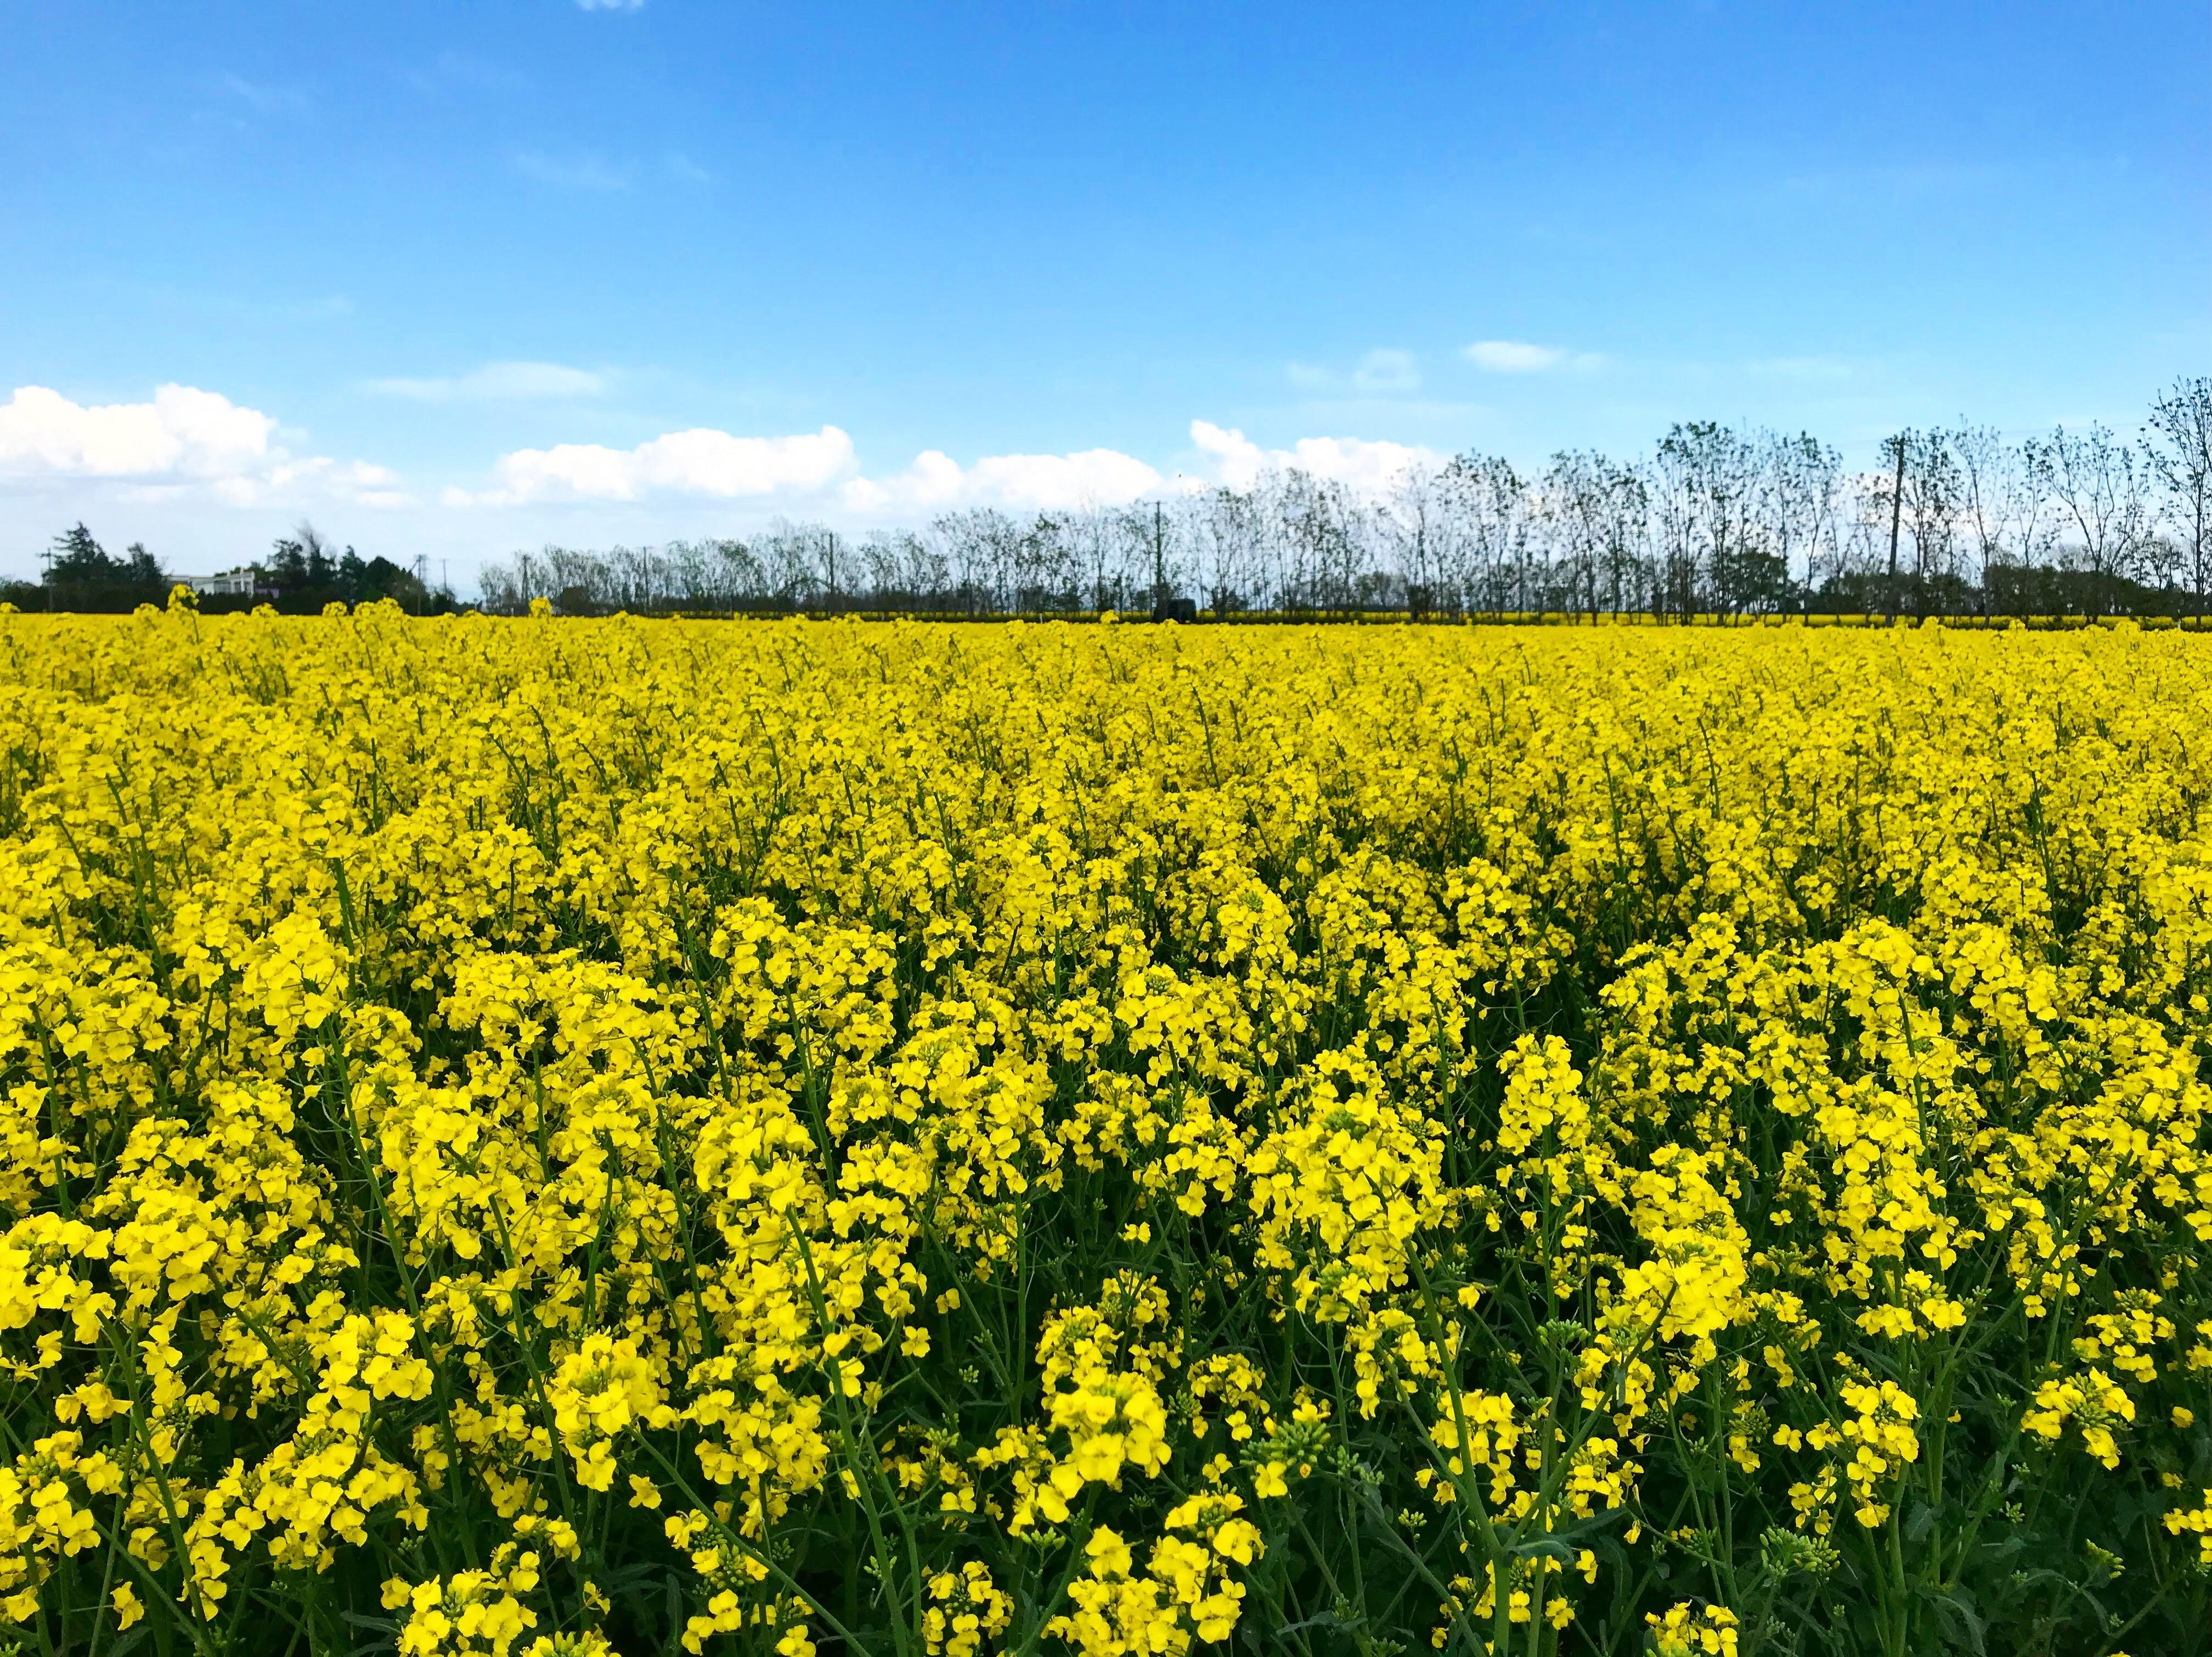 青木さんが撮影した菜の花畑